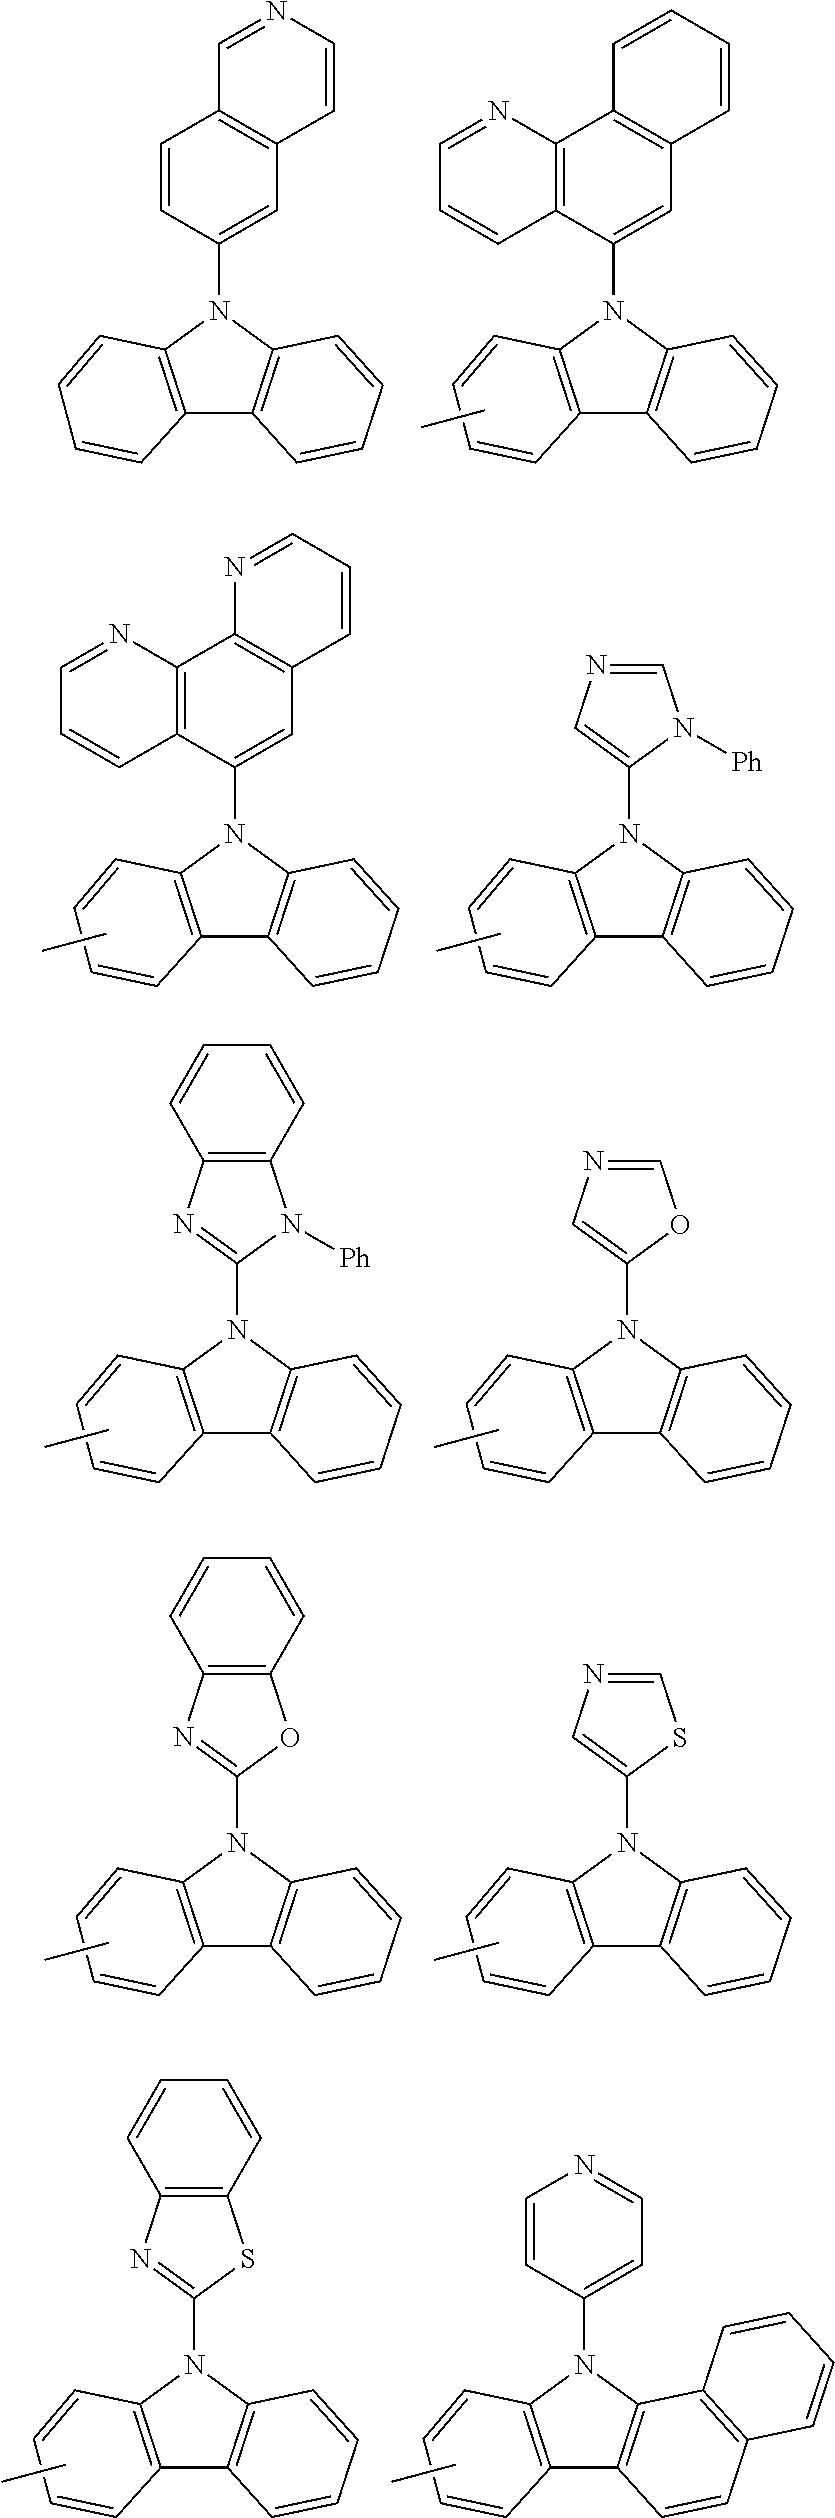 Figure US20150280139A1-20151001-C00021